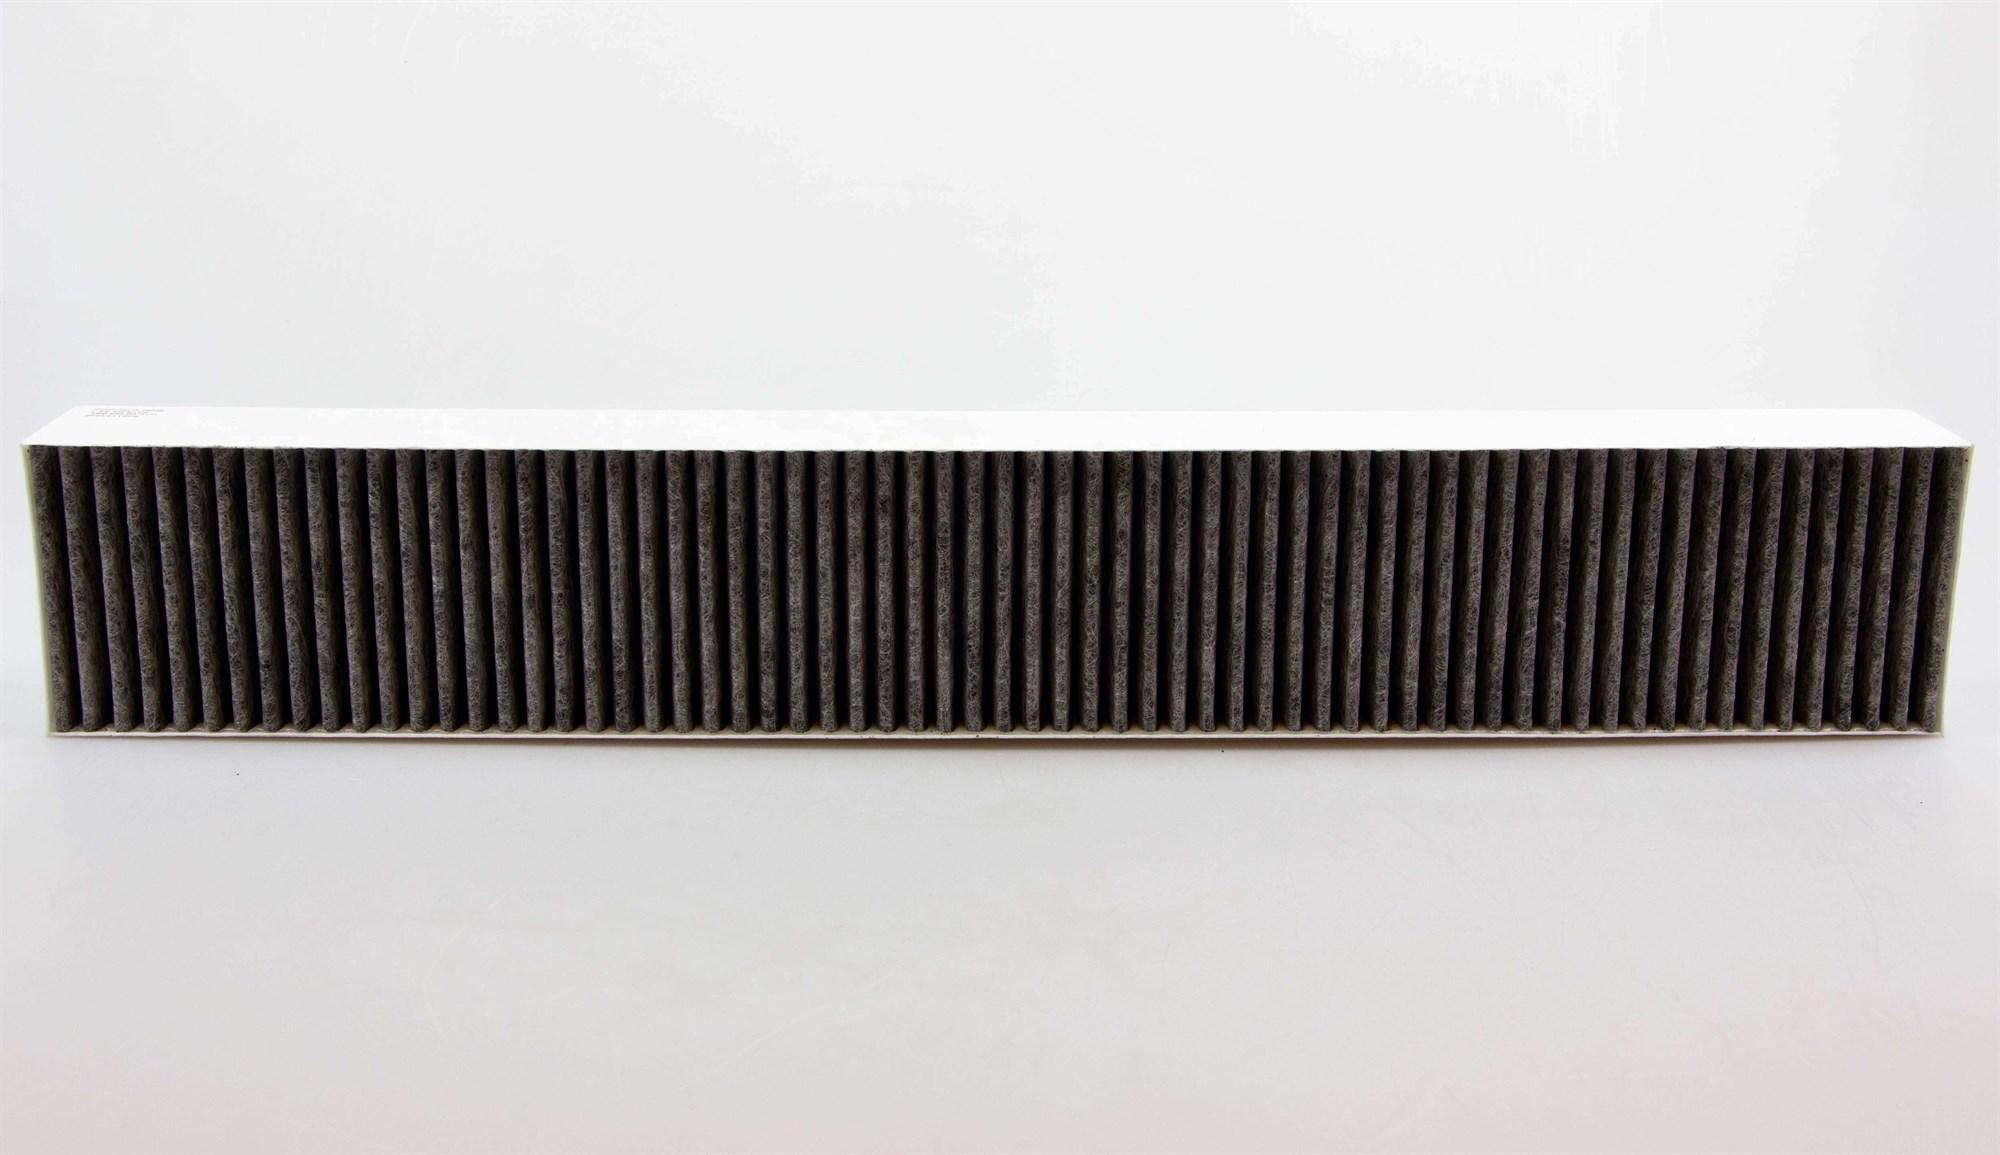 Kohlefilter Dunstabzugshaube Neff 2021